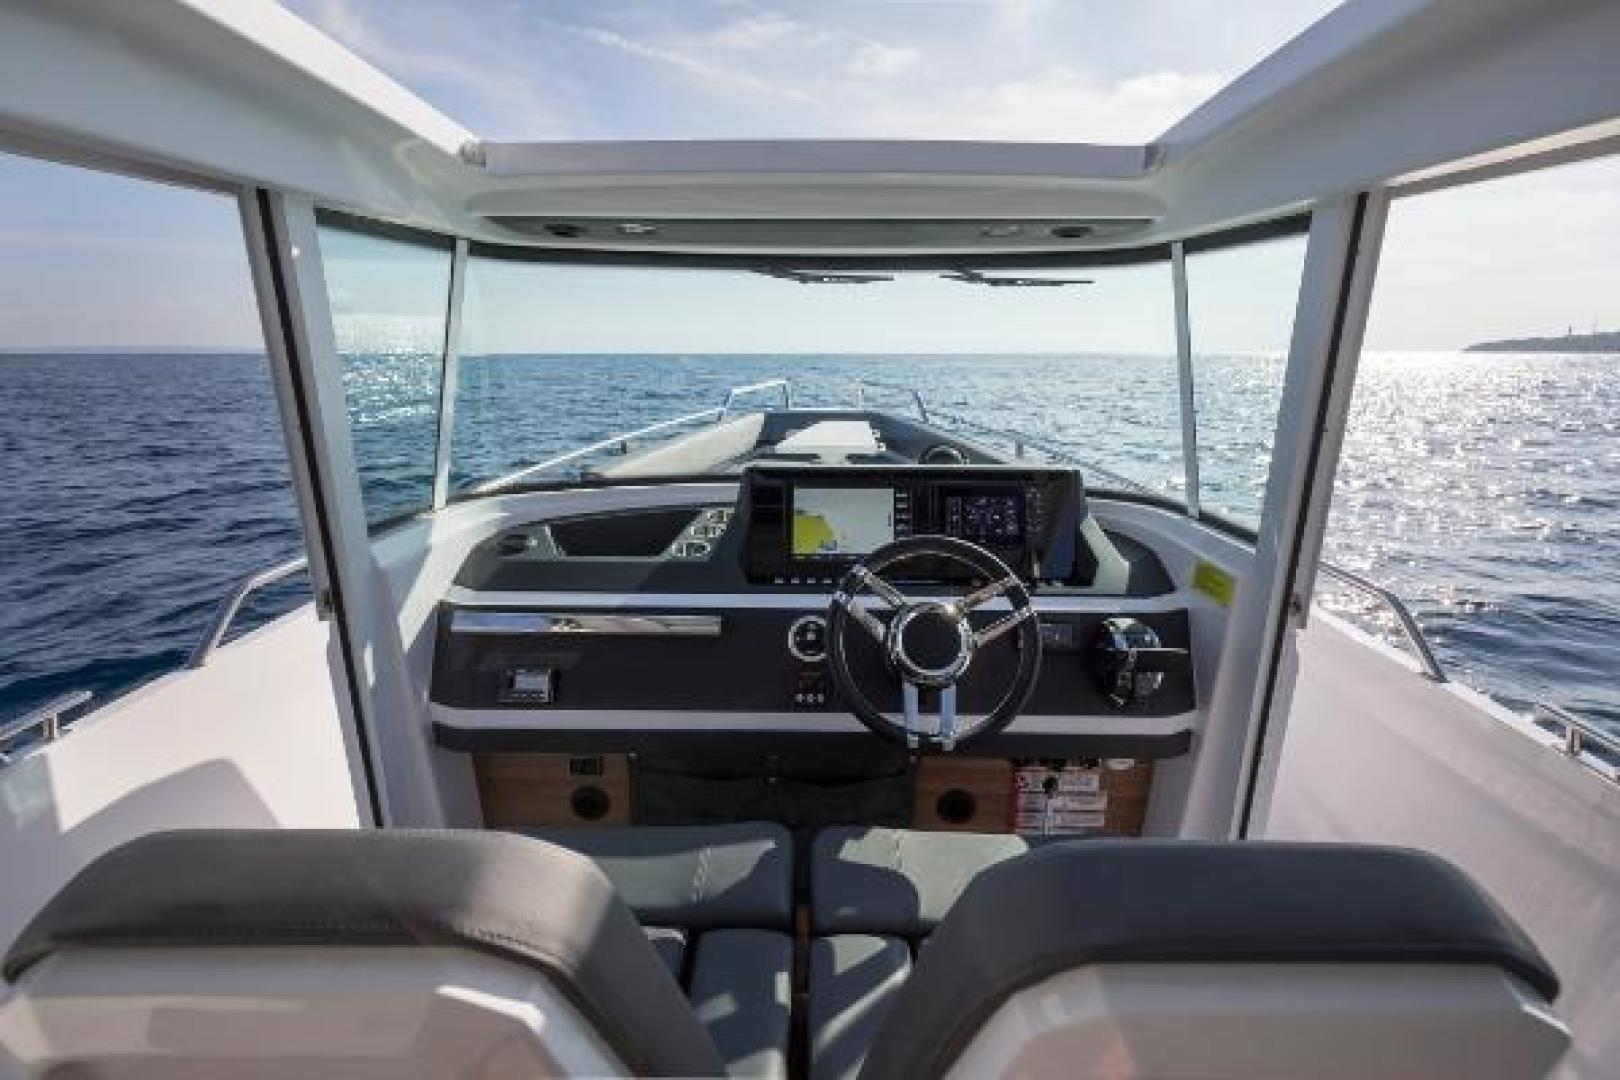 Axopar-28 CABIN 2021-Axopar 28 CABIN Palm Beach-Florida-United States-1531489 | Thumbnail